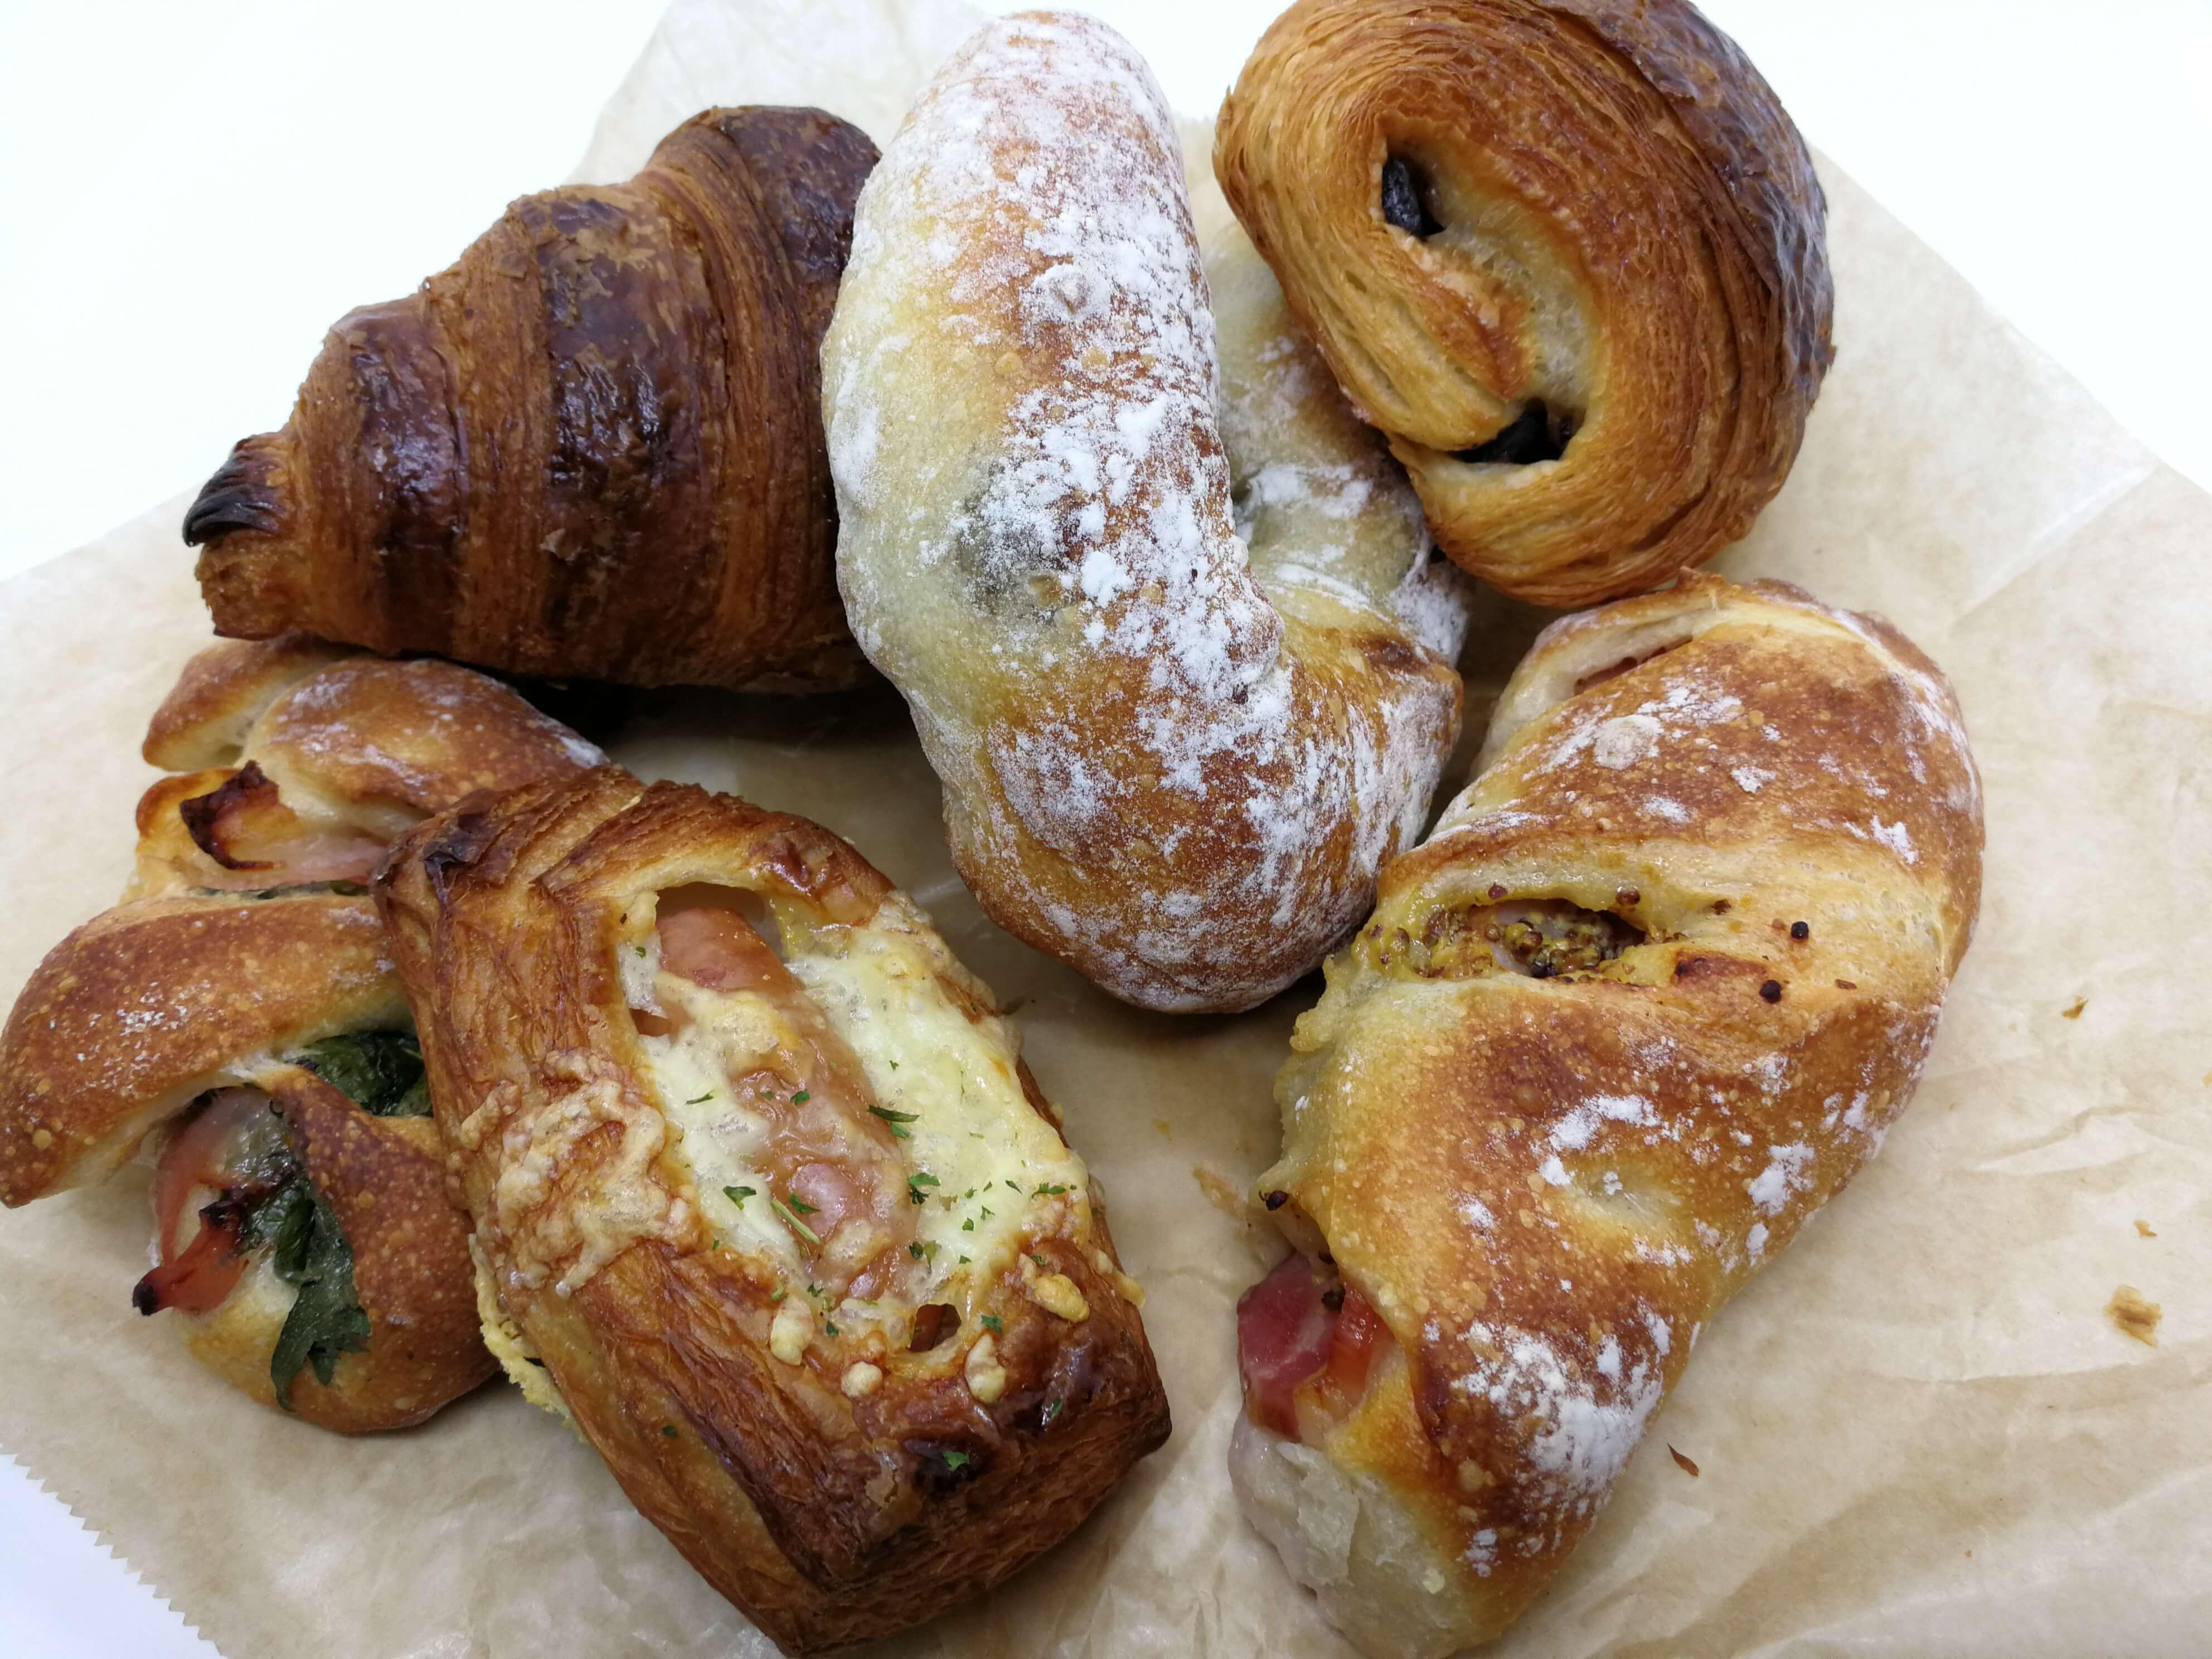 パン屋こくう|毎朝食べたい!おすすめの金沢市南部の大人気なパン屋